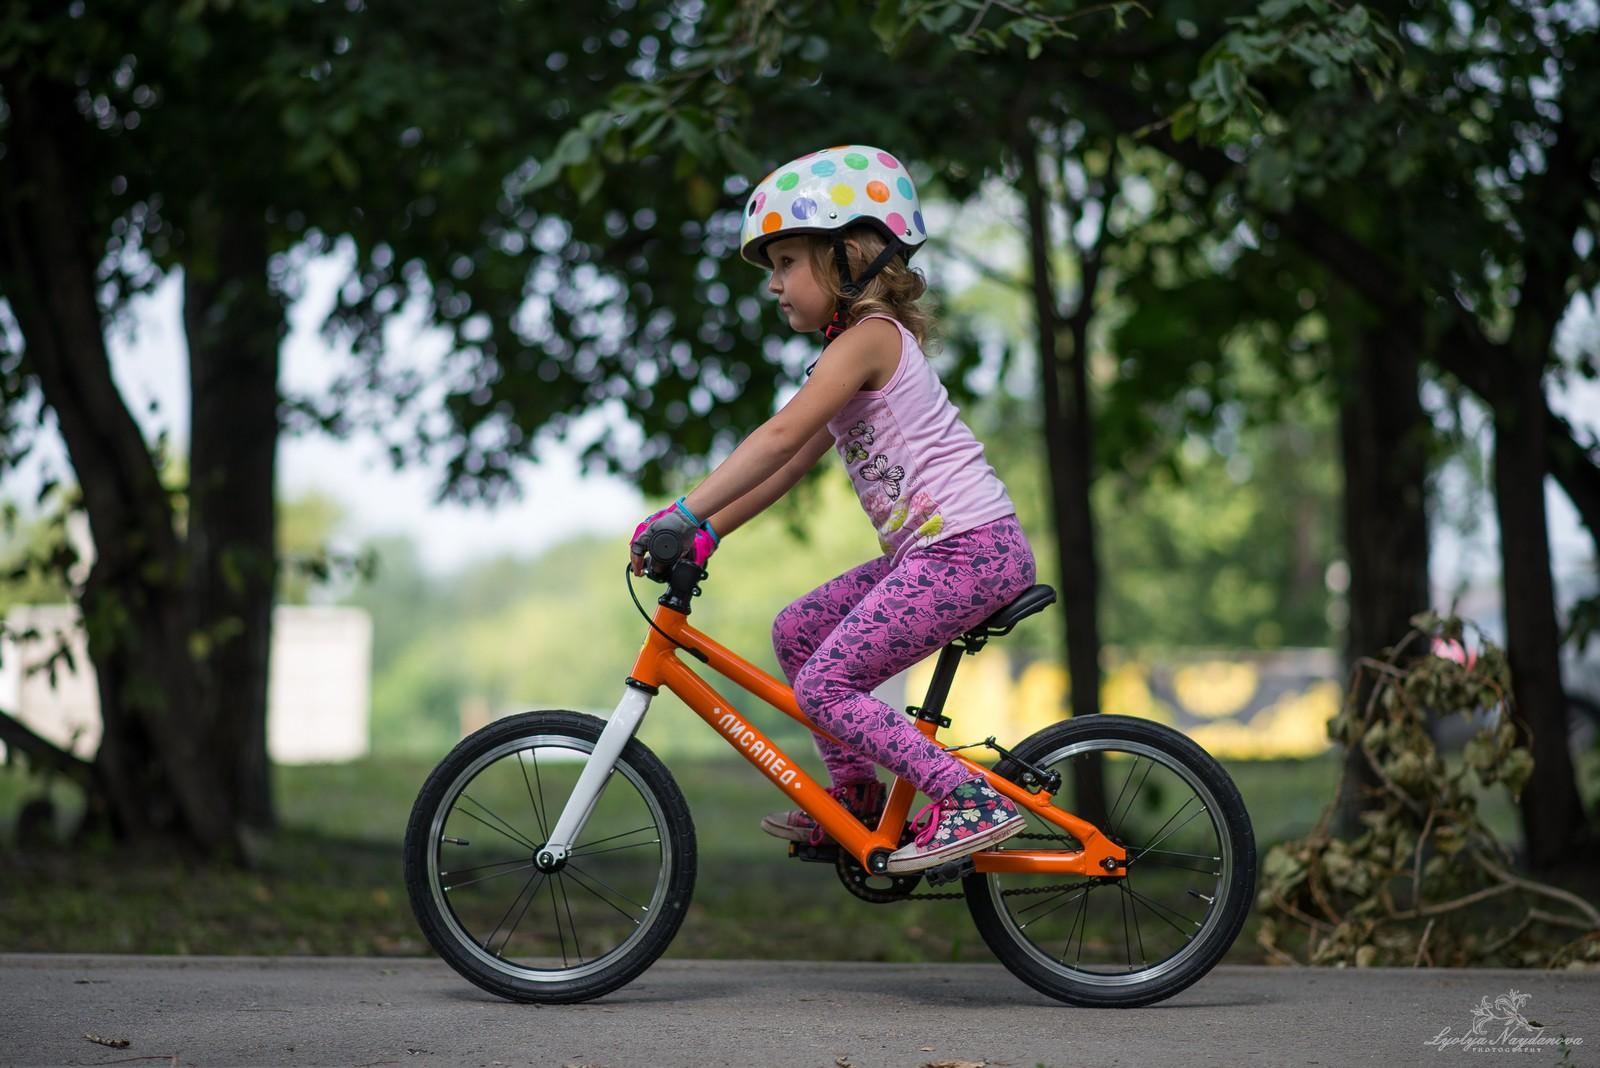 Покупка велосипедов в режиме онлайн